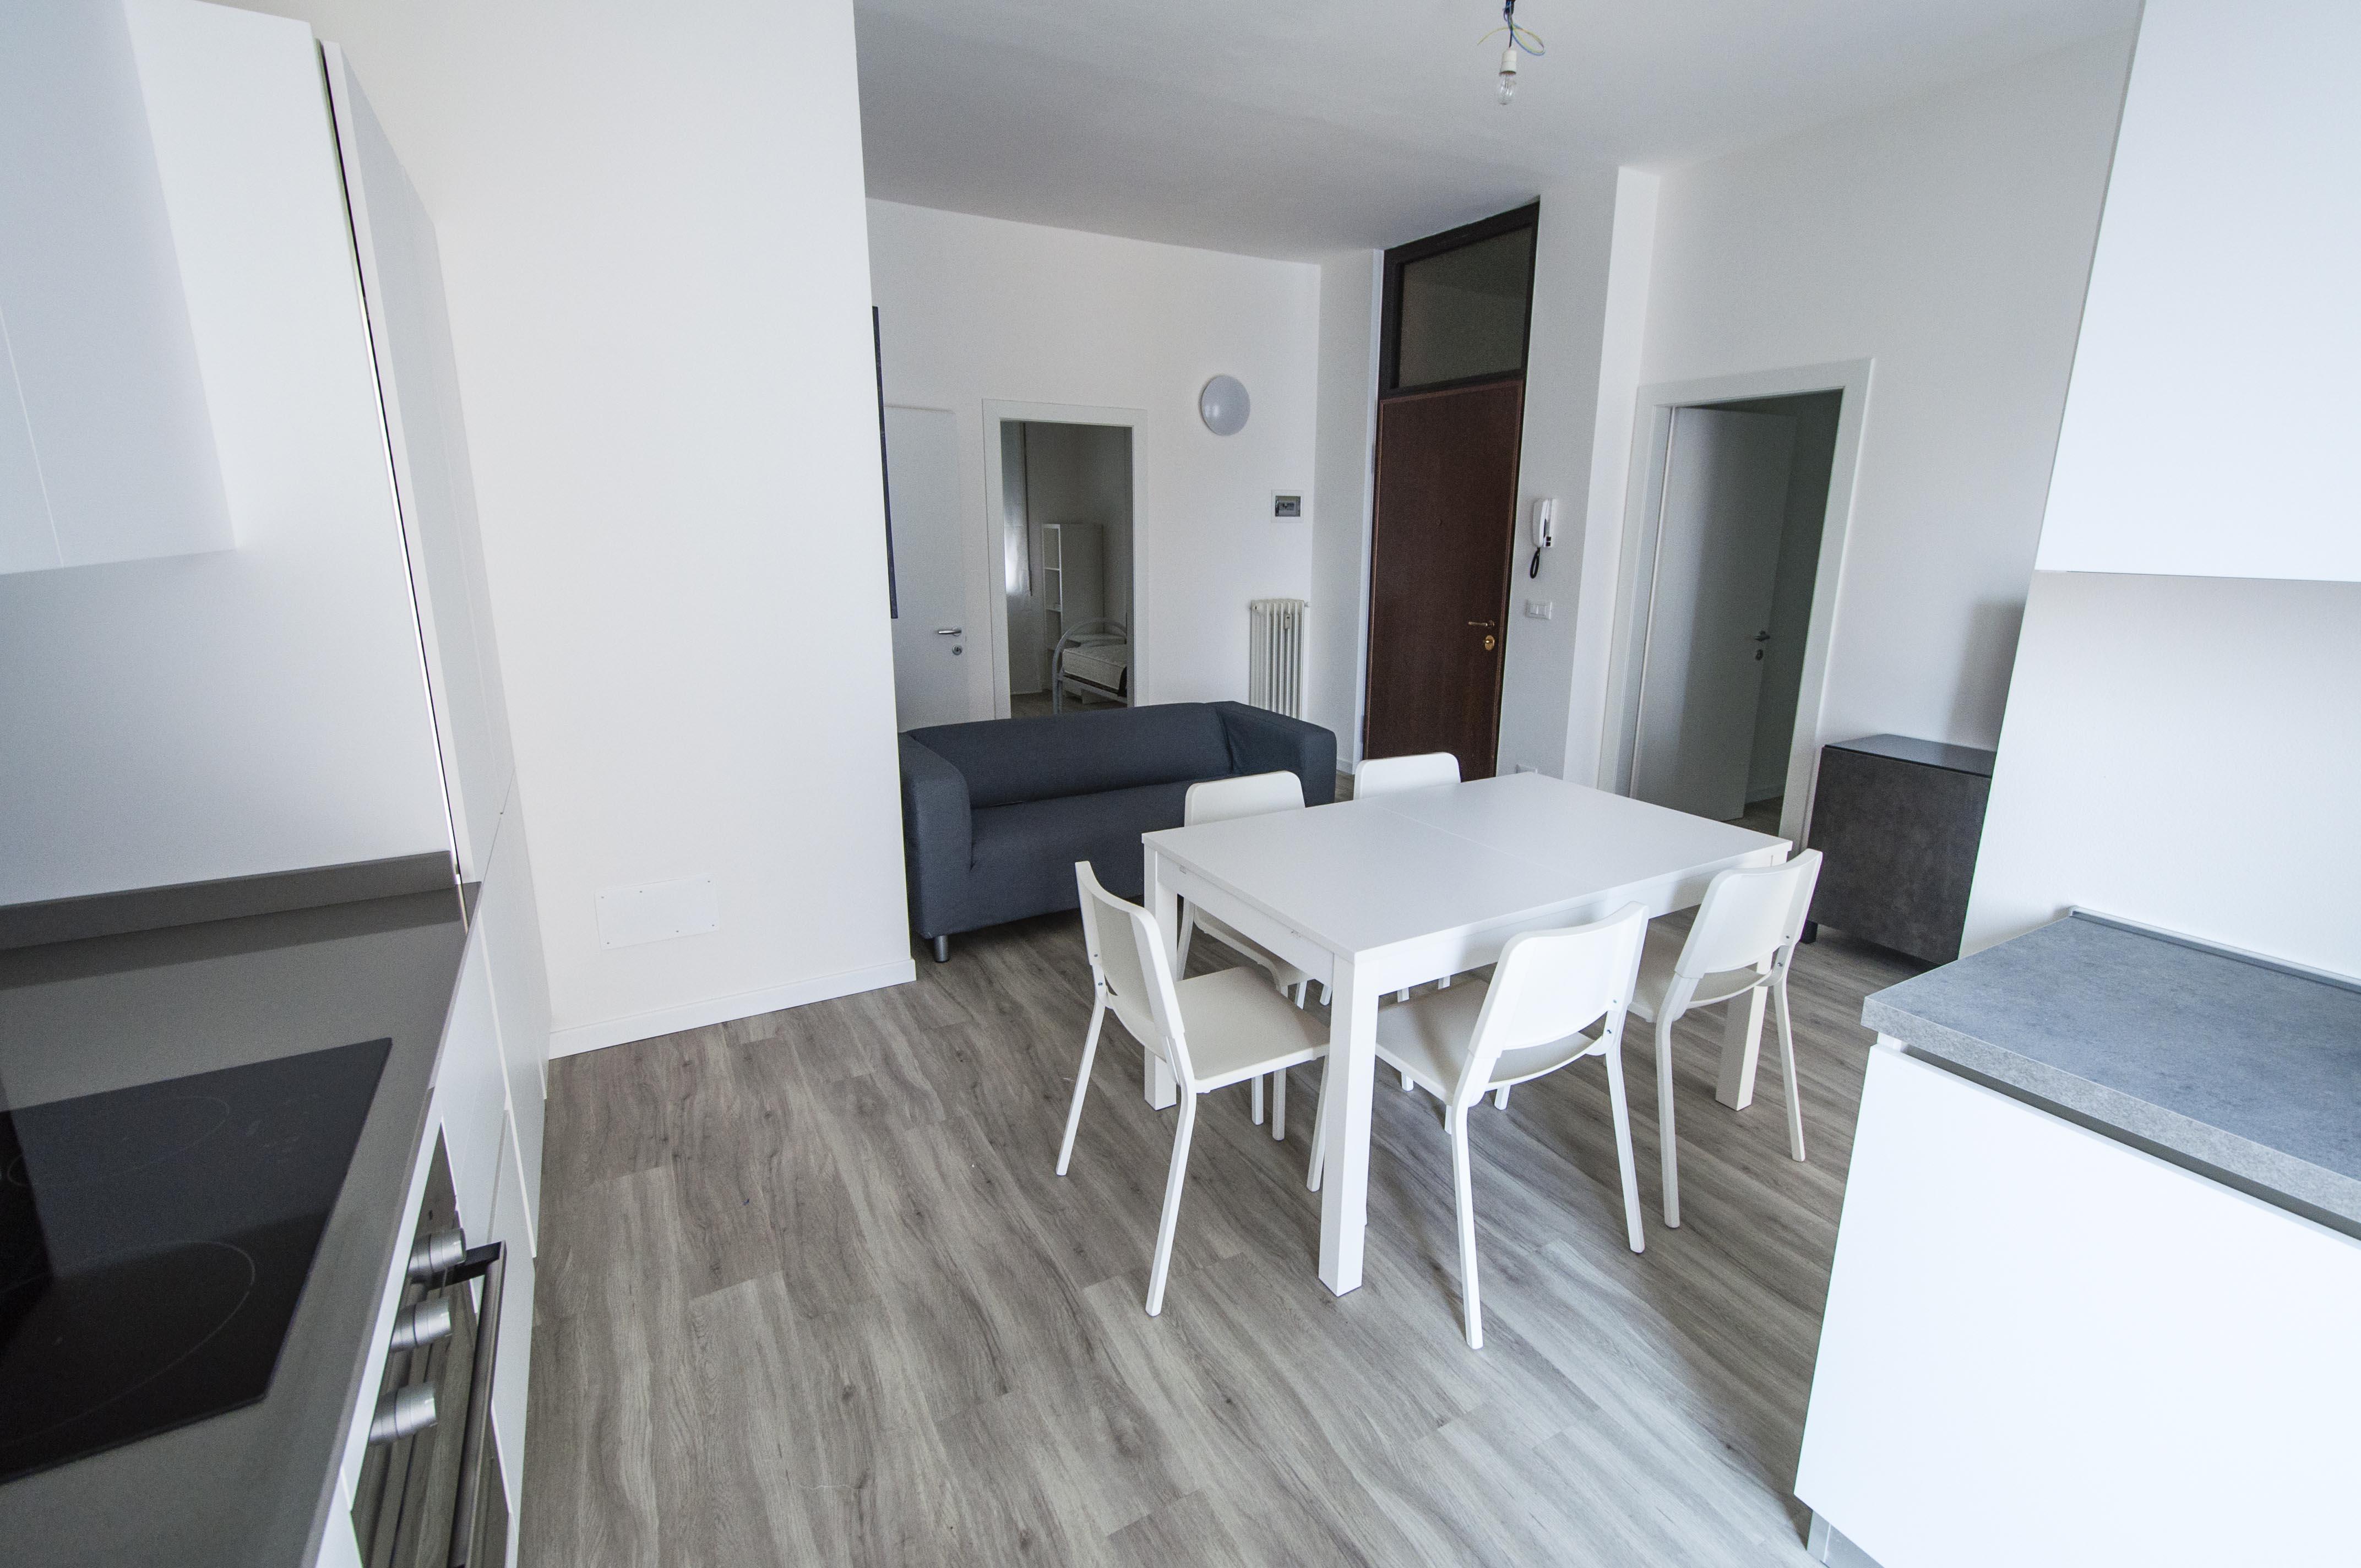 Camere in Affitto Treviso - Studio Architettura Zanatta 01